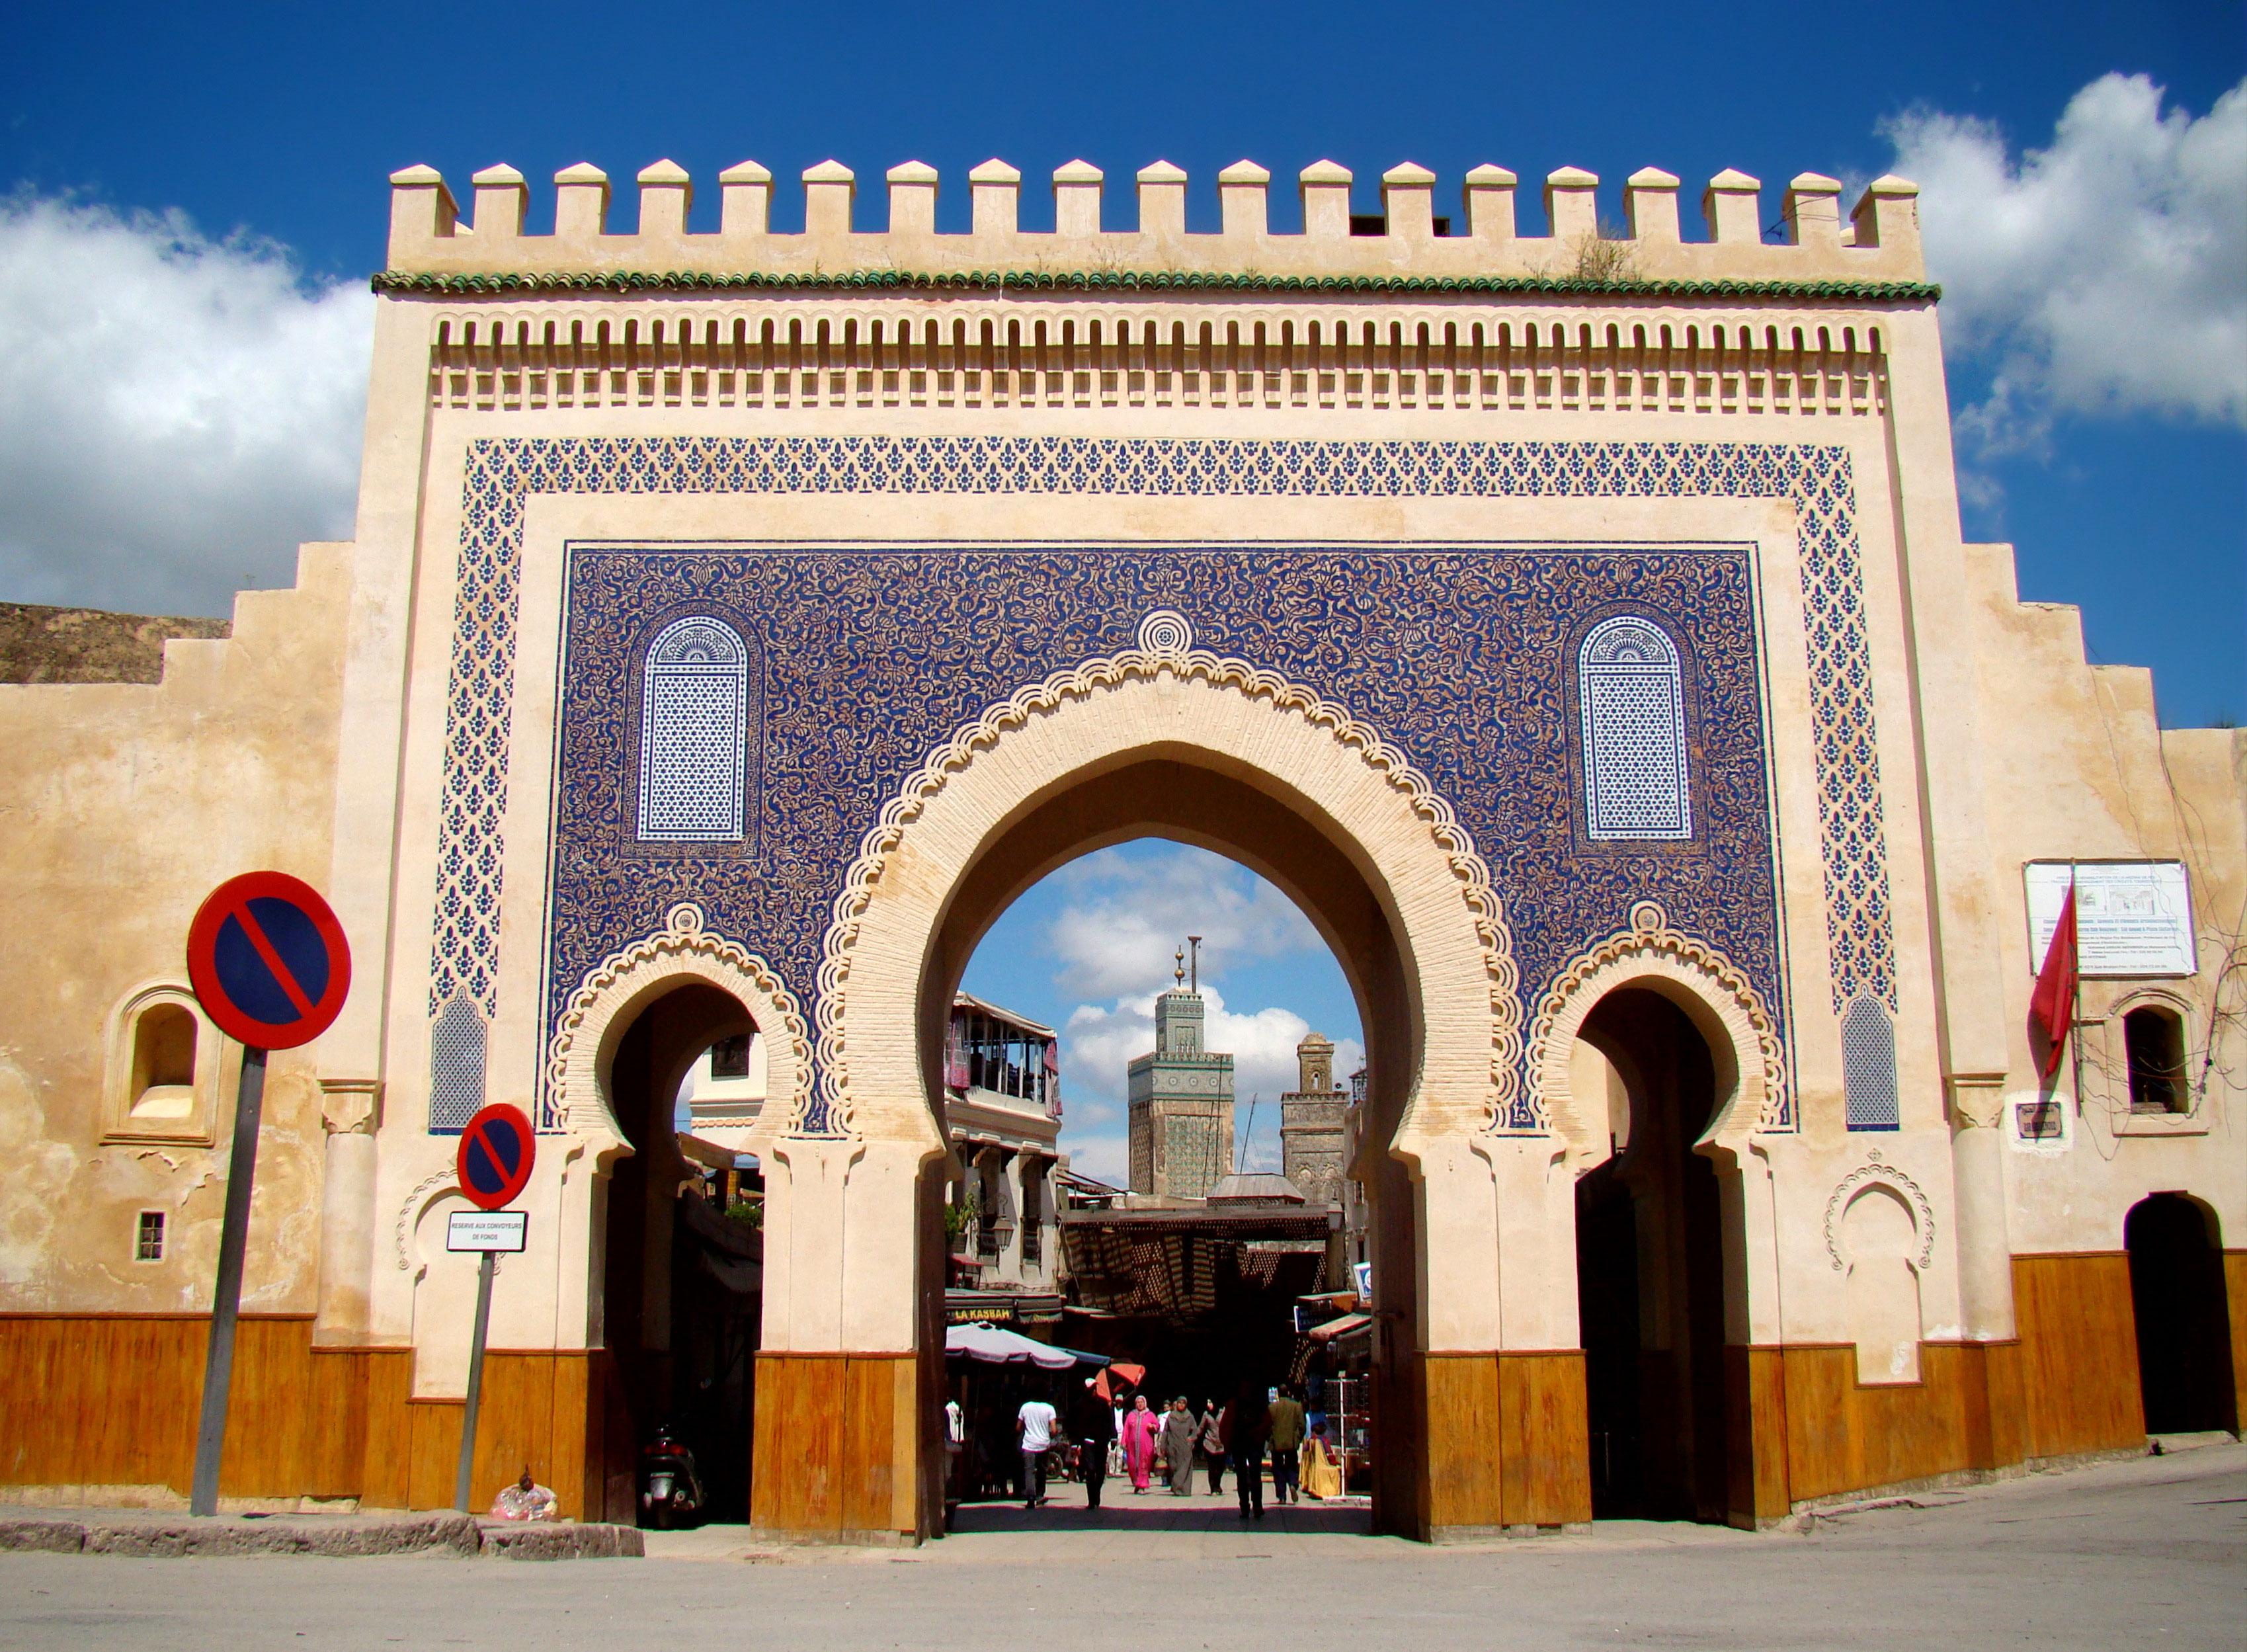 Ville de Fès - Maroc